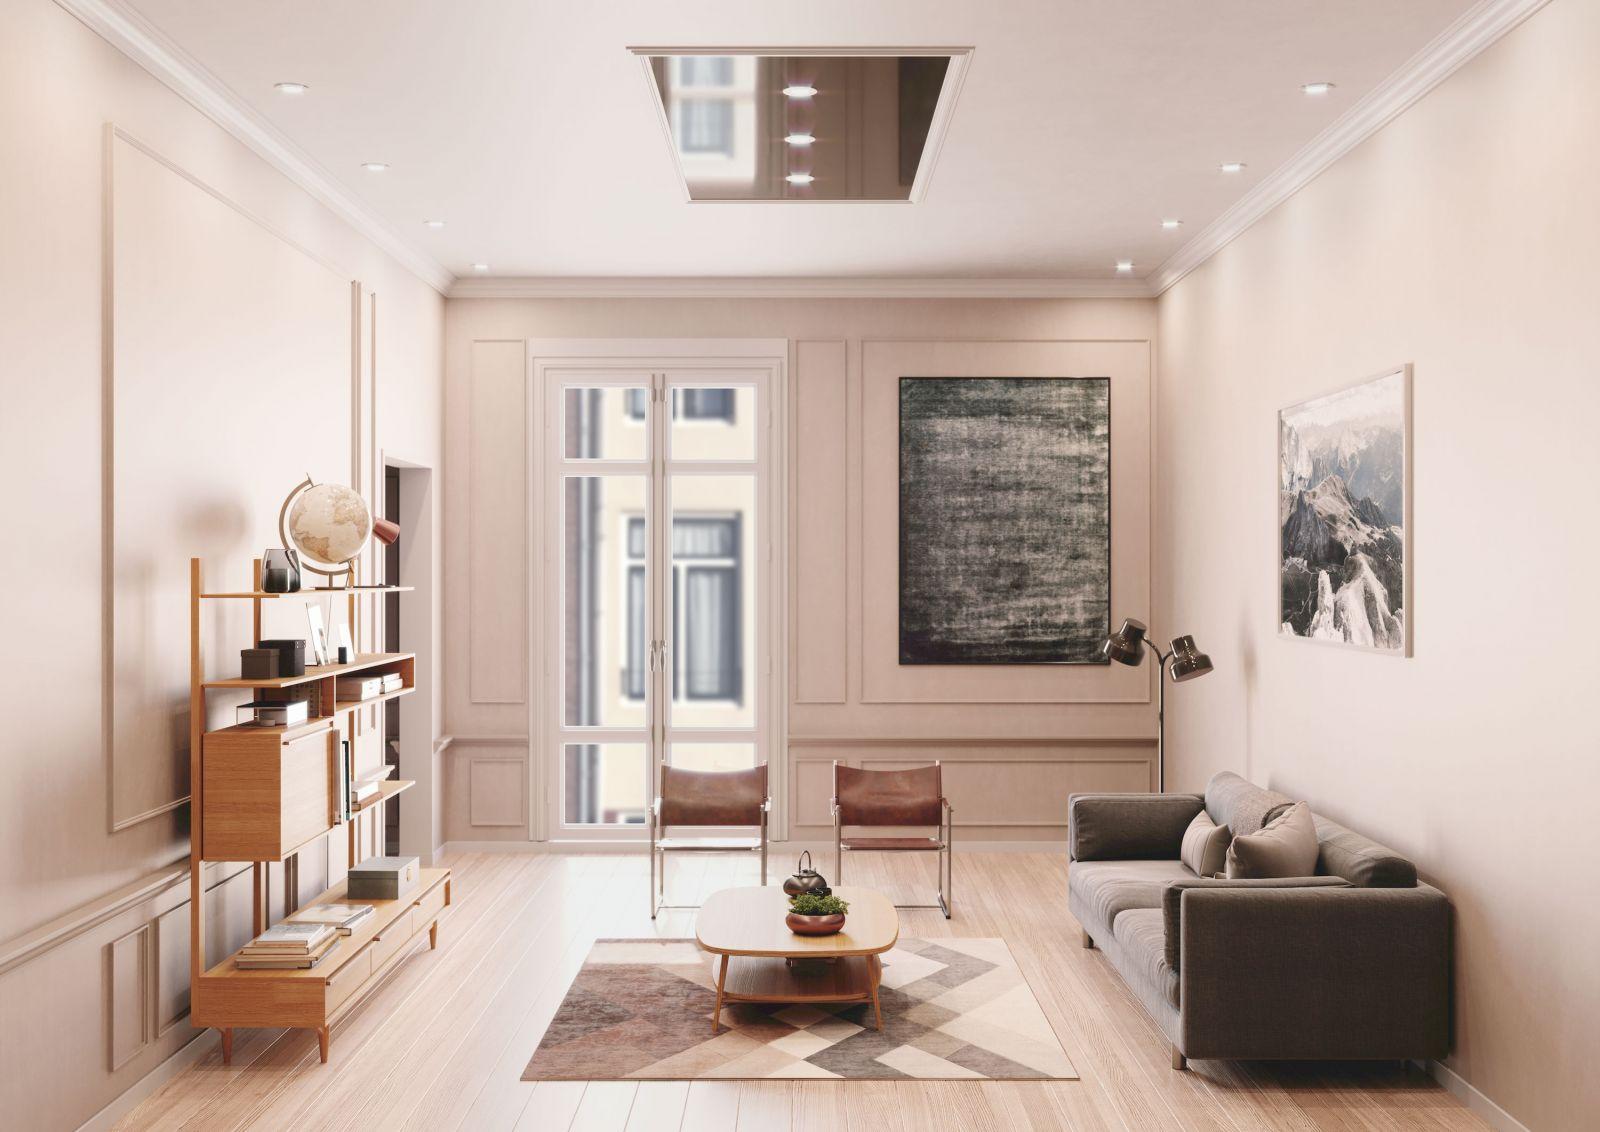 Full Size of Decke Beleuchtung Wohnzimmer Ideen Deckenlampen Modern Led Deckenleuchte Schlafzimmer Deckenleuchten Deckenlampe Esstisch Kamin Anbauwand Hängeschrank Teppich Wohnzimmer Decke Beleuchtung Wohnzimmer Ideen